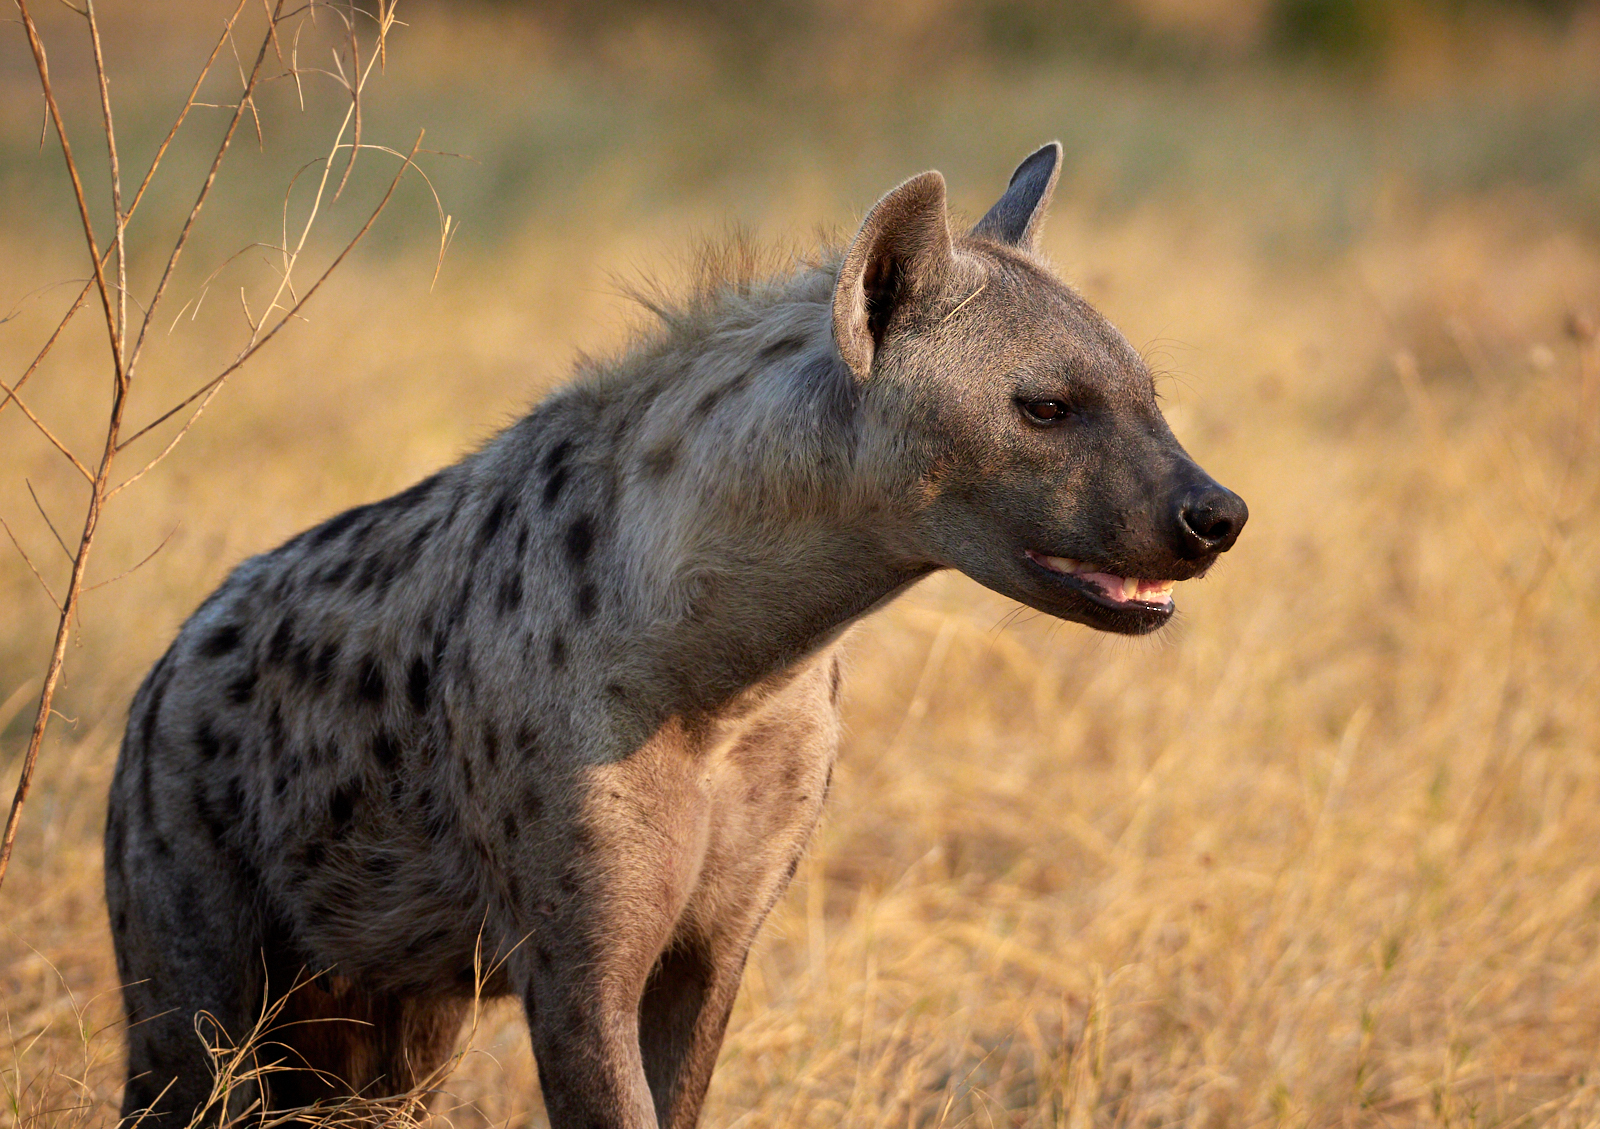 Hyena 1600x1200 sRGB.jpg